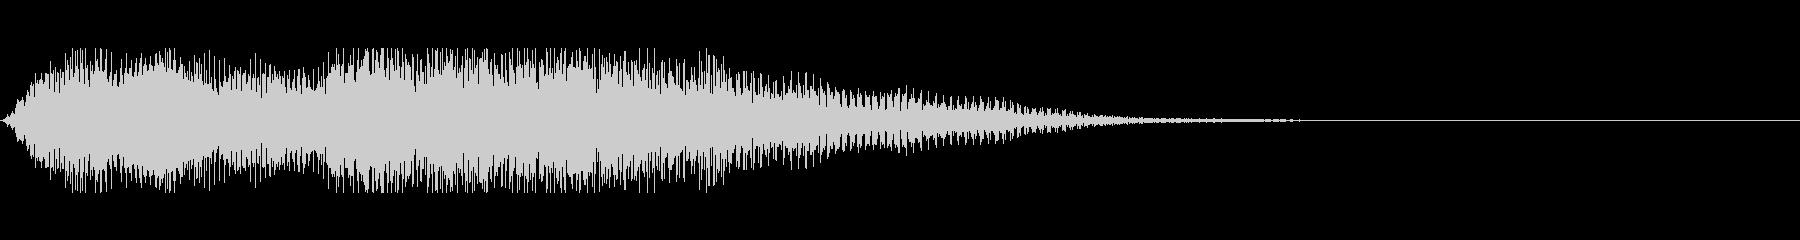 開閉音(電子音)の未再生の波形